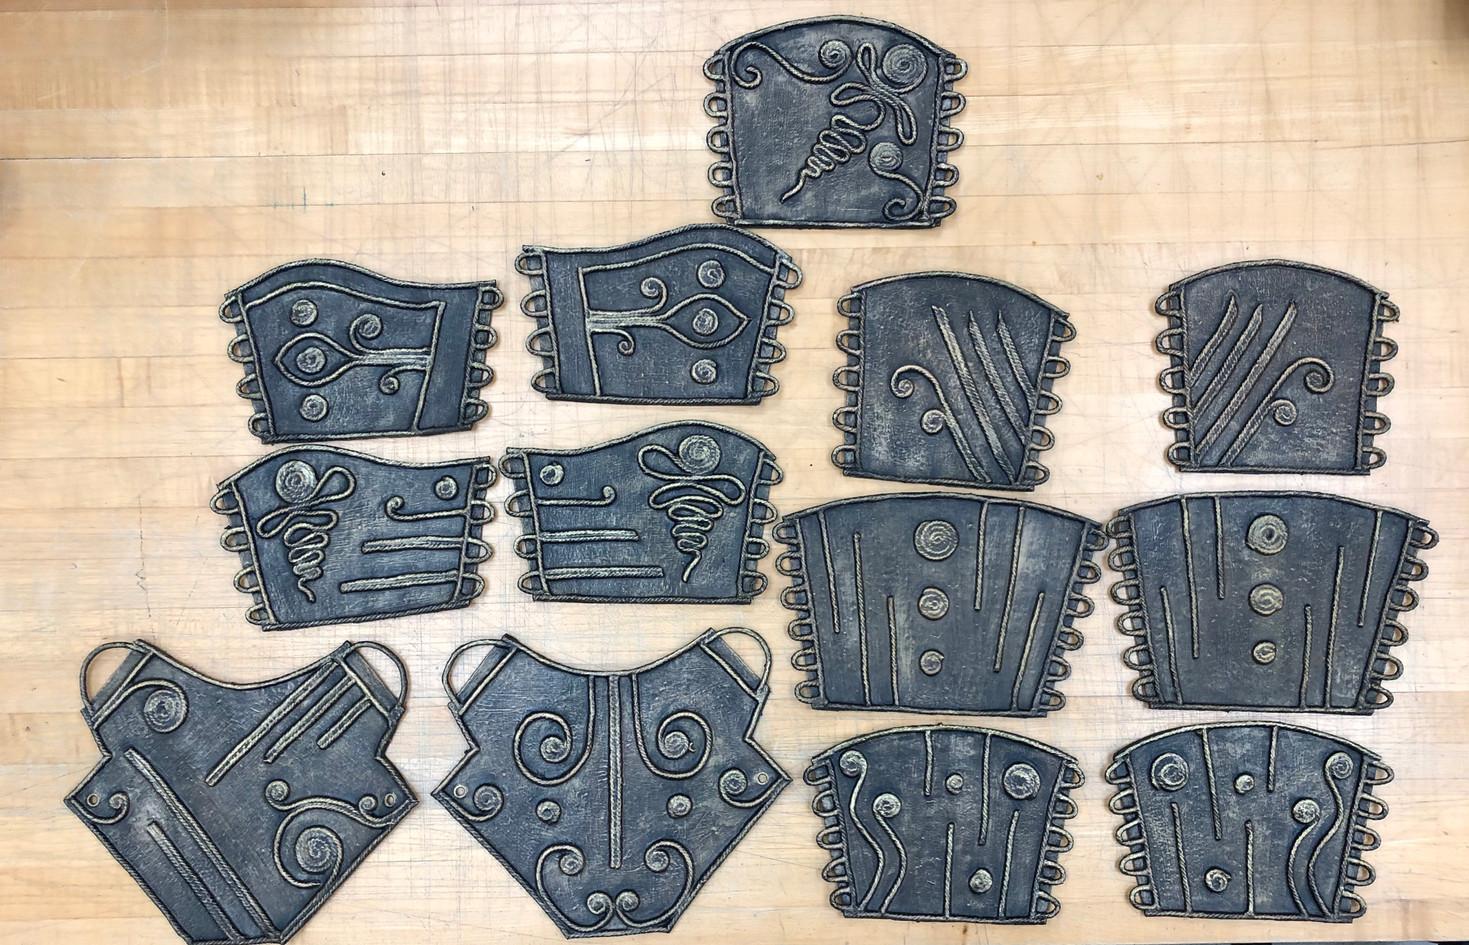 Full Armor Set